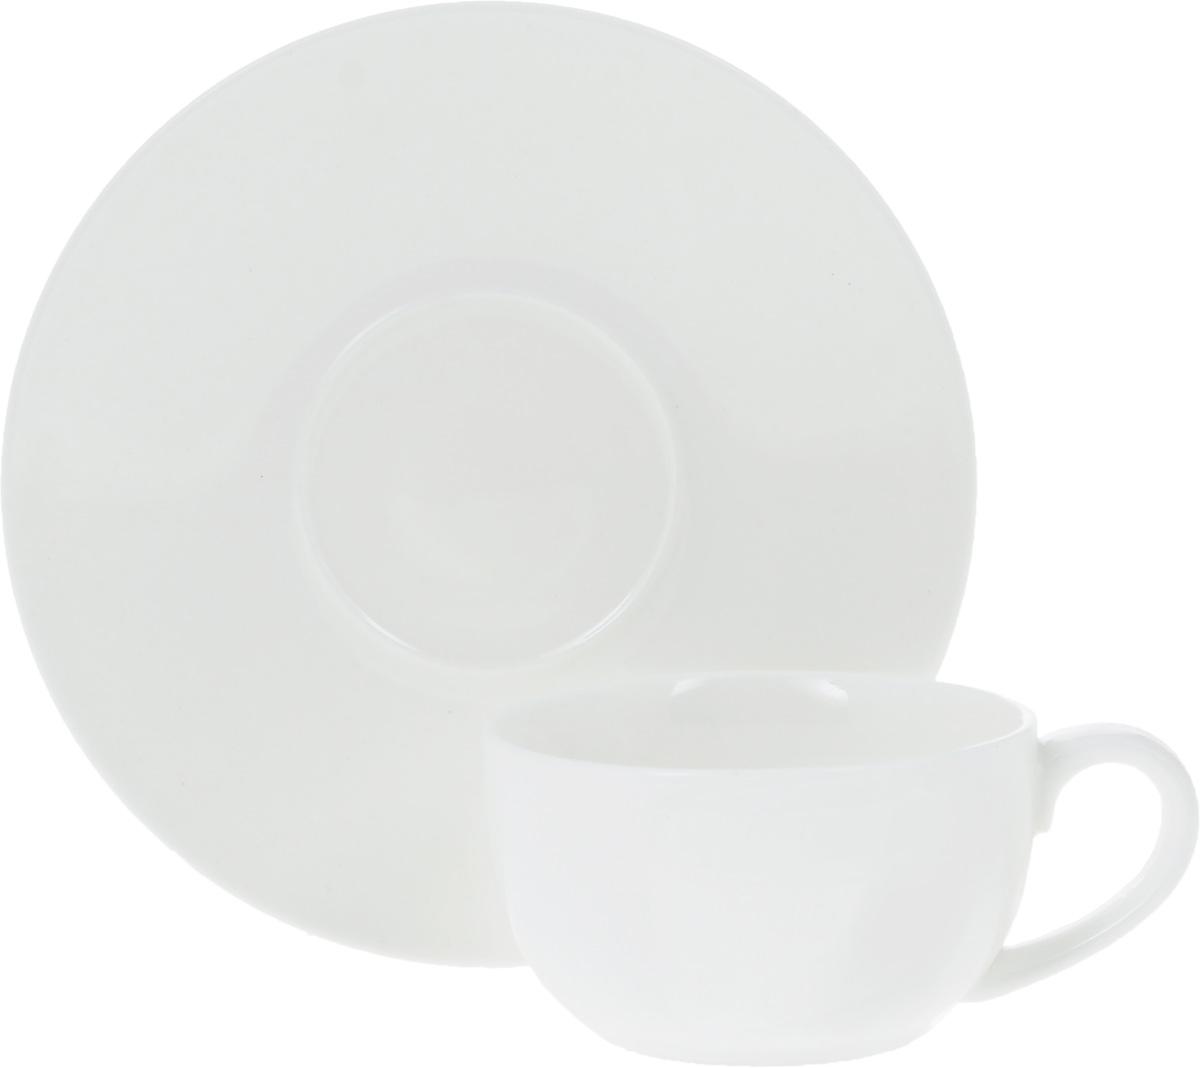 Кофейная пара Wilmax, 2 предмета. WL-993002 / ABWL-993002 / ABКофейная пара Wilmax состоит из чашки и блюдца. Изделия выполнены из высококачественного фарфора, покрытого слоем глазури. Изделия имеют лаконичный дизайн, просты и функциональны в использовании. Кофейная пара Wilmax украсит ваш кухонный стол, а также станет замечательным подарком к любому празднику. Изделия можно мыть в посудомоечной машине и ставить в микроволновую печь. Объем чашки: 100 мл. Диаметр чашки (по верхнему краю): 7 см. Высота чашки: 4 см. Диаметр блюдца: 13,5 см.